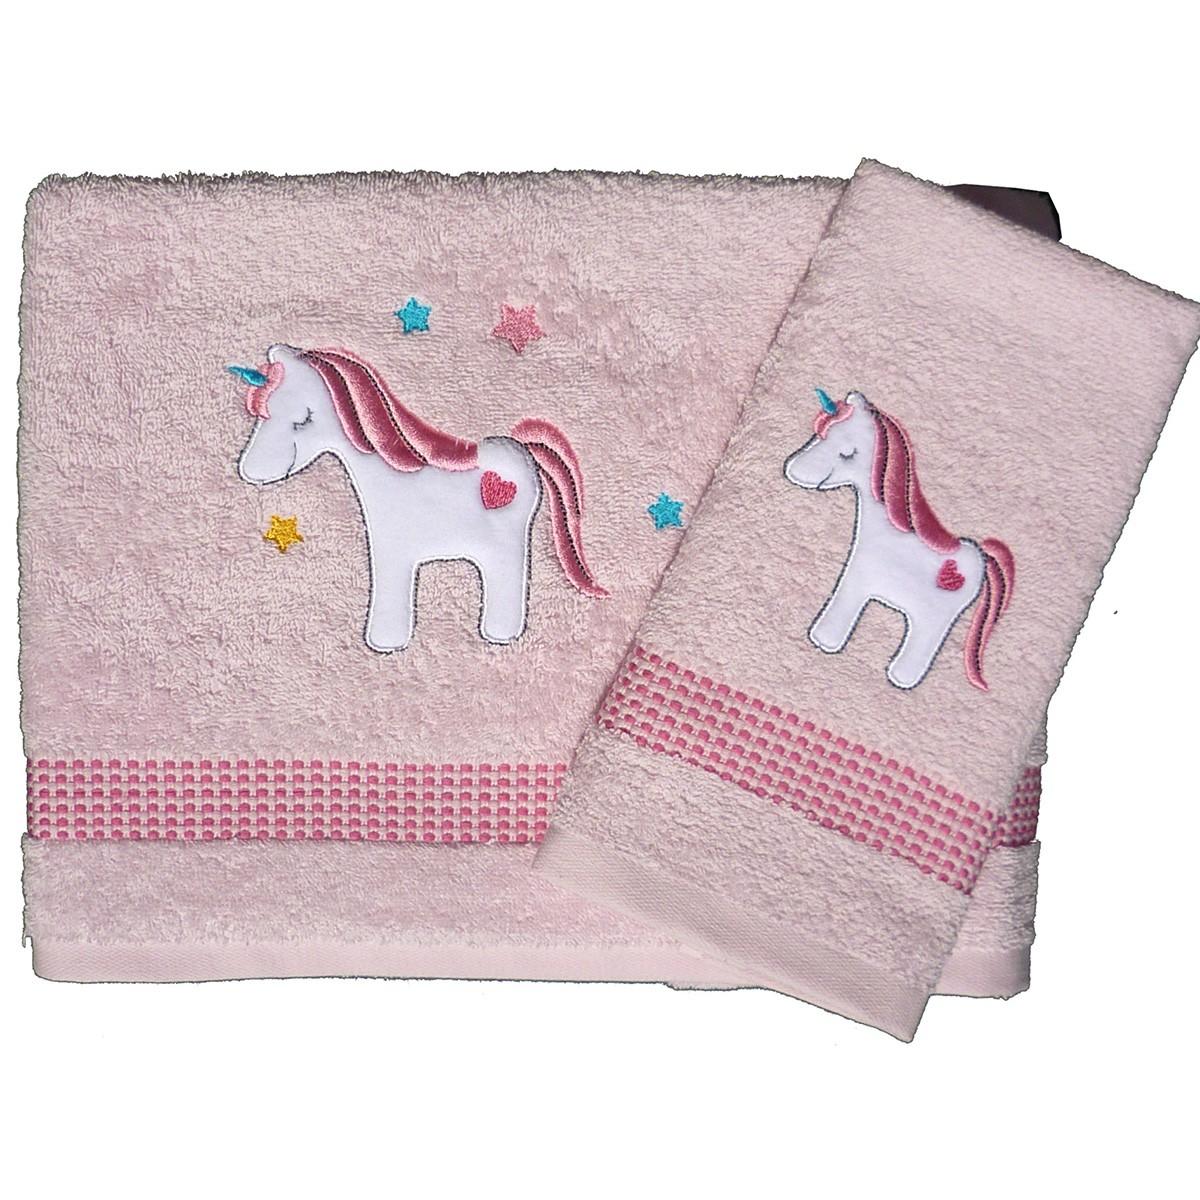 Βρεφικές Πετσέτες (Σετ 2τμχ) Morven Unicorn Pink 1810/04